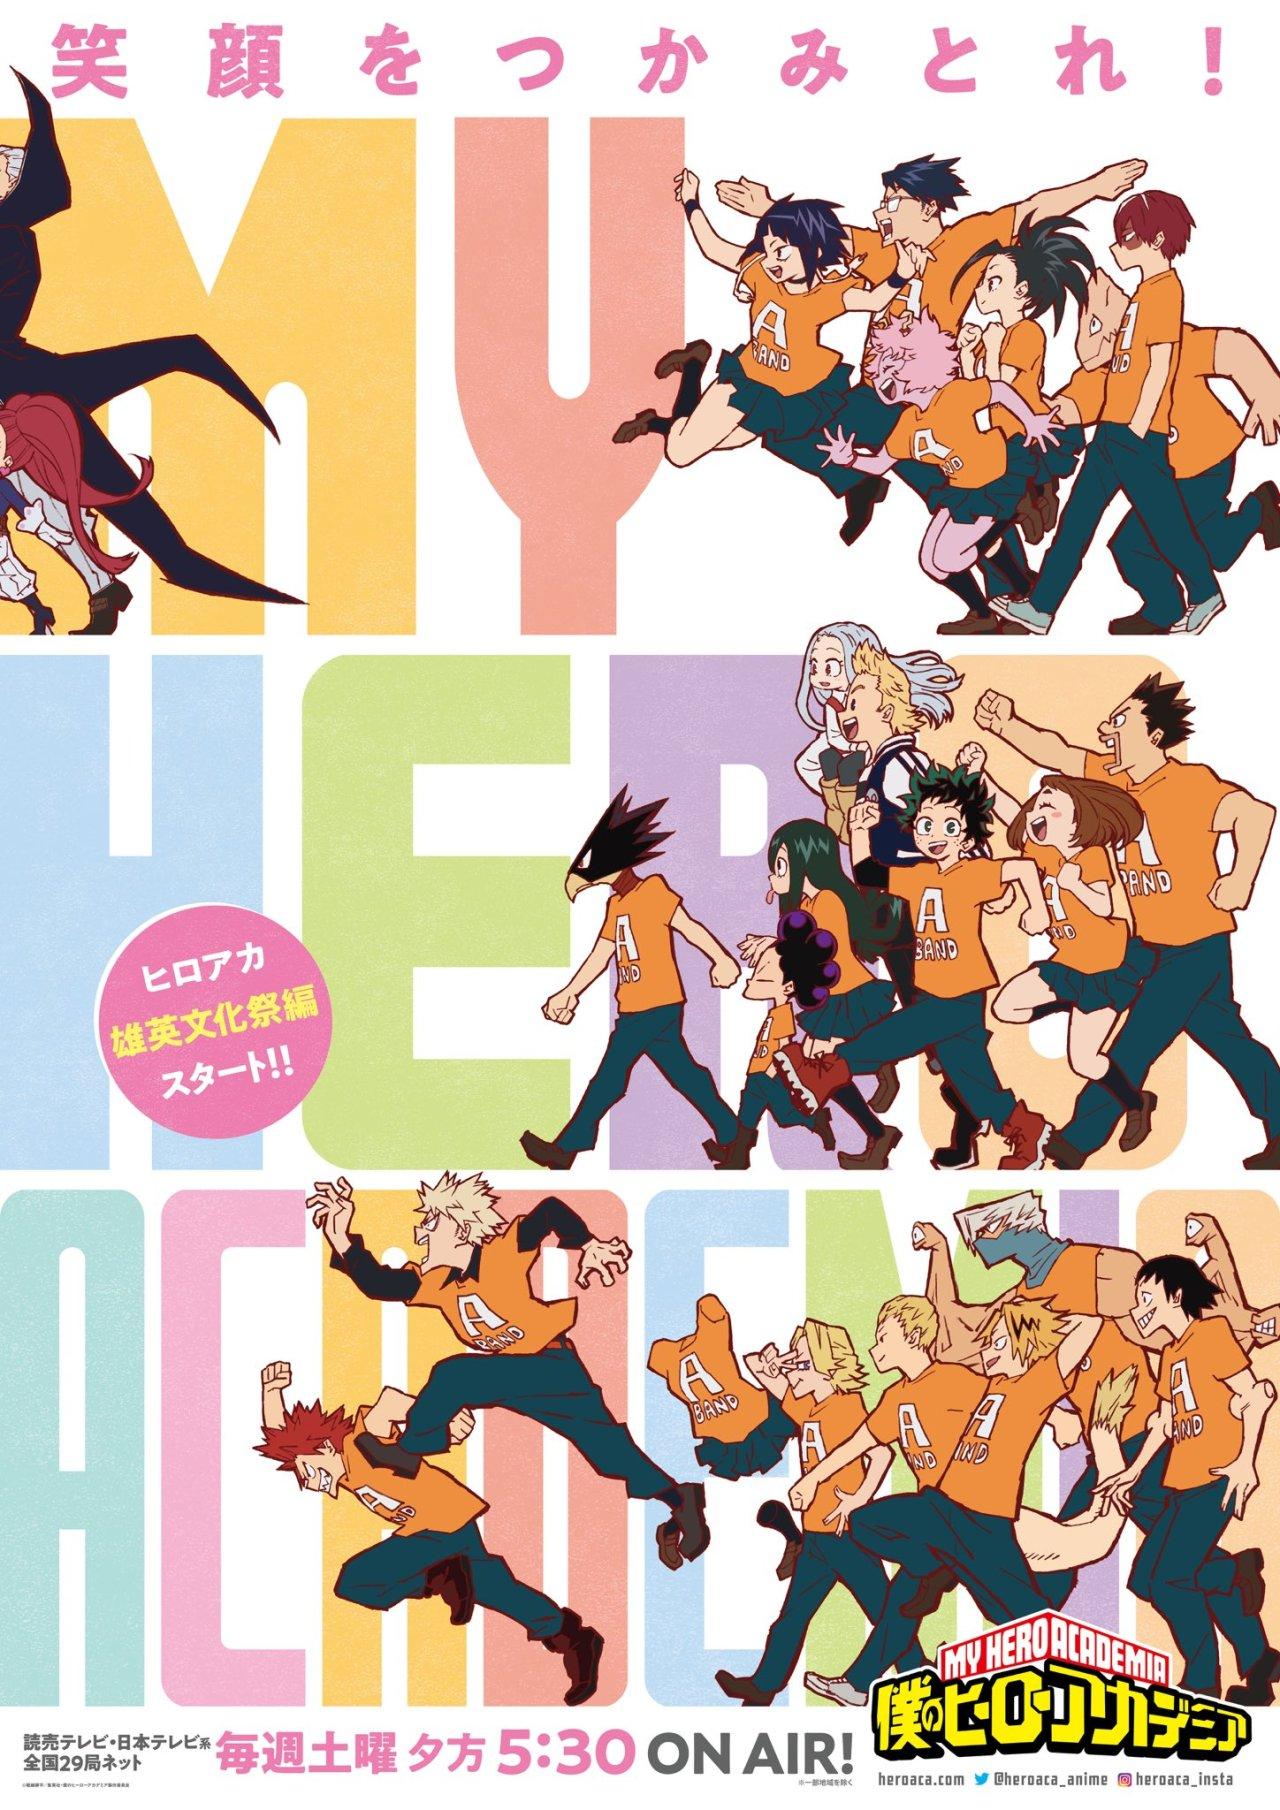 Imagem promocional do arco Cultural Festival de My Hero Academia